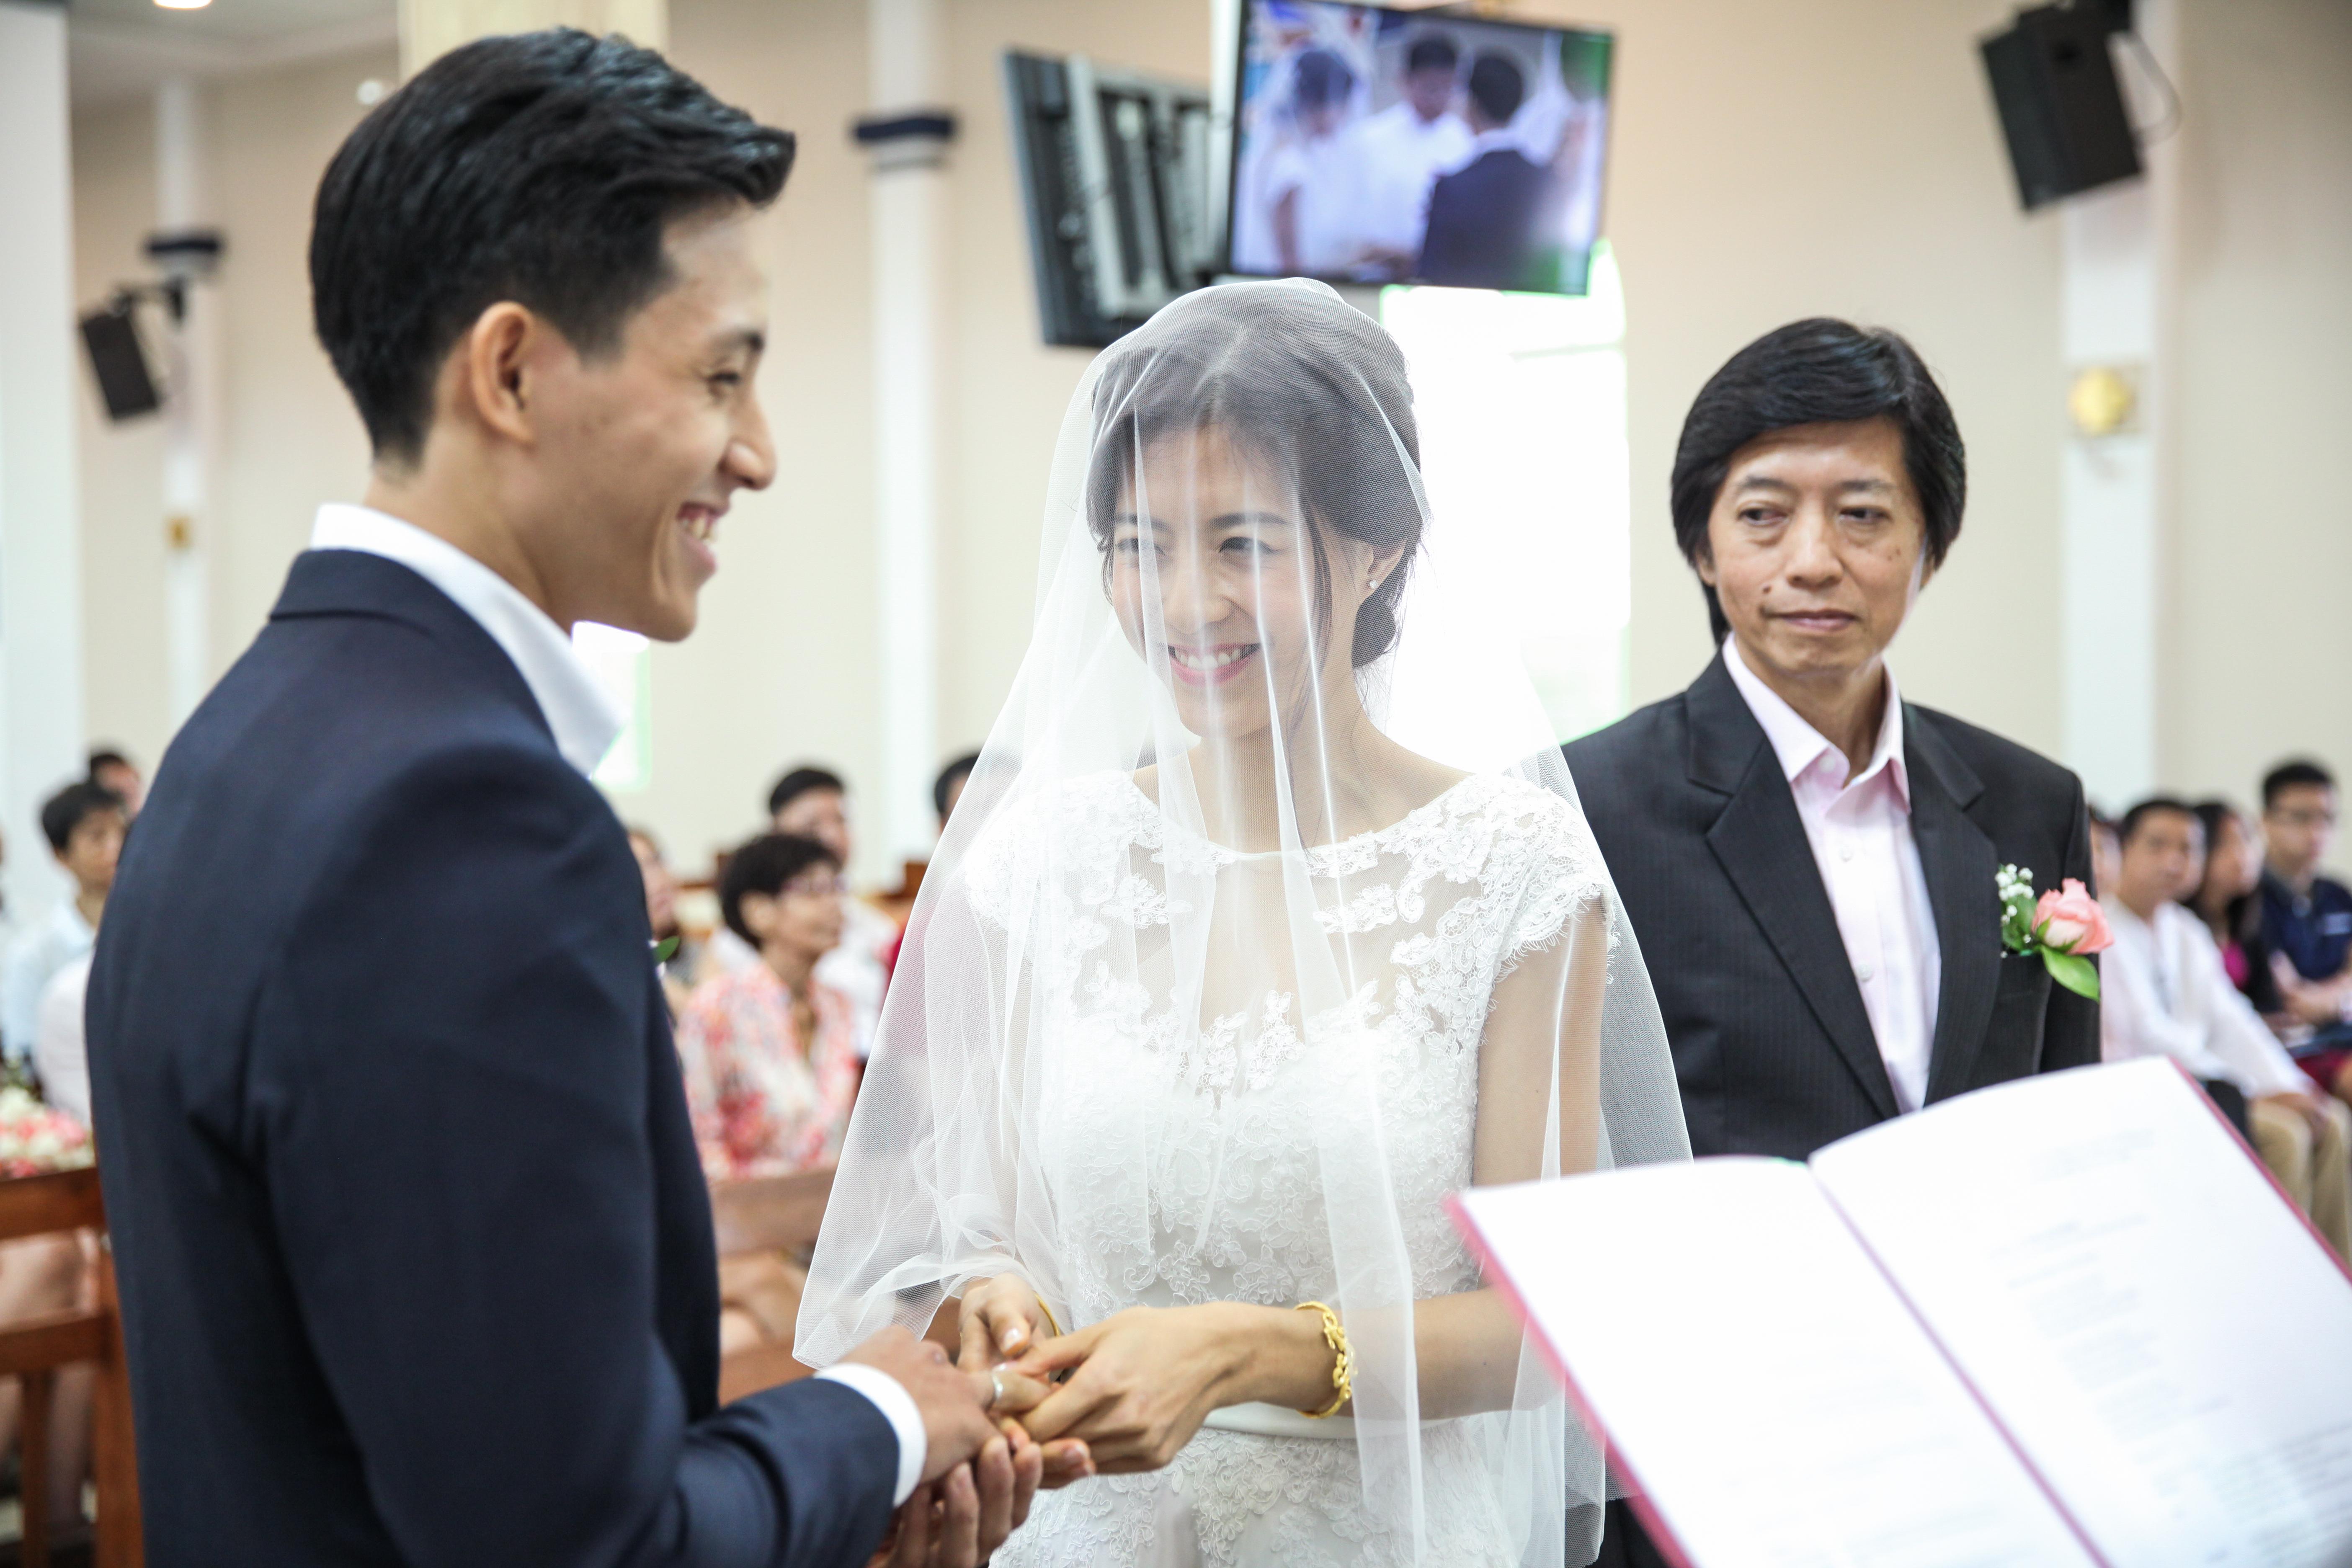 Wedding-Photography-Singapore-5